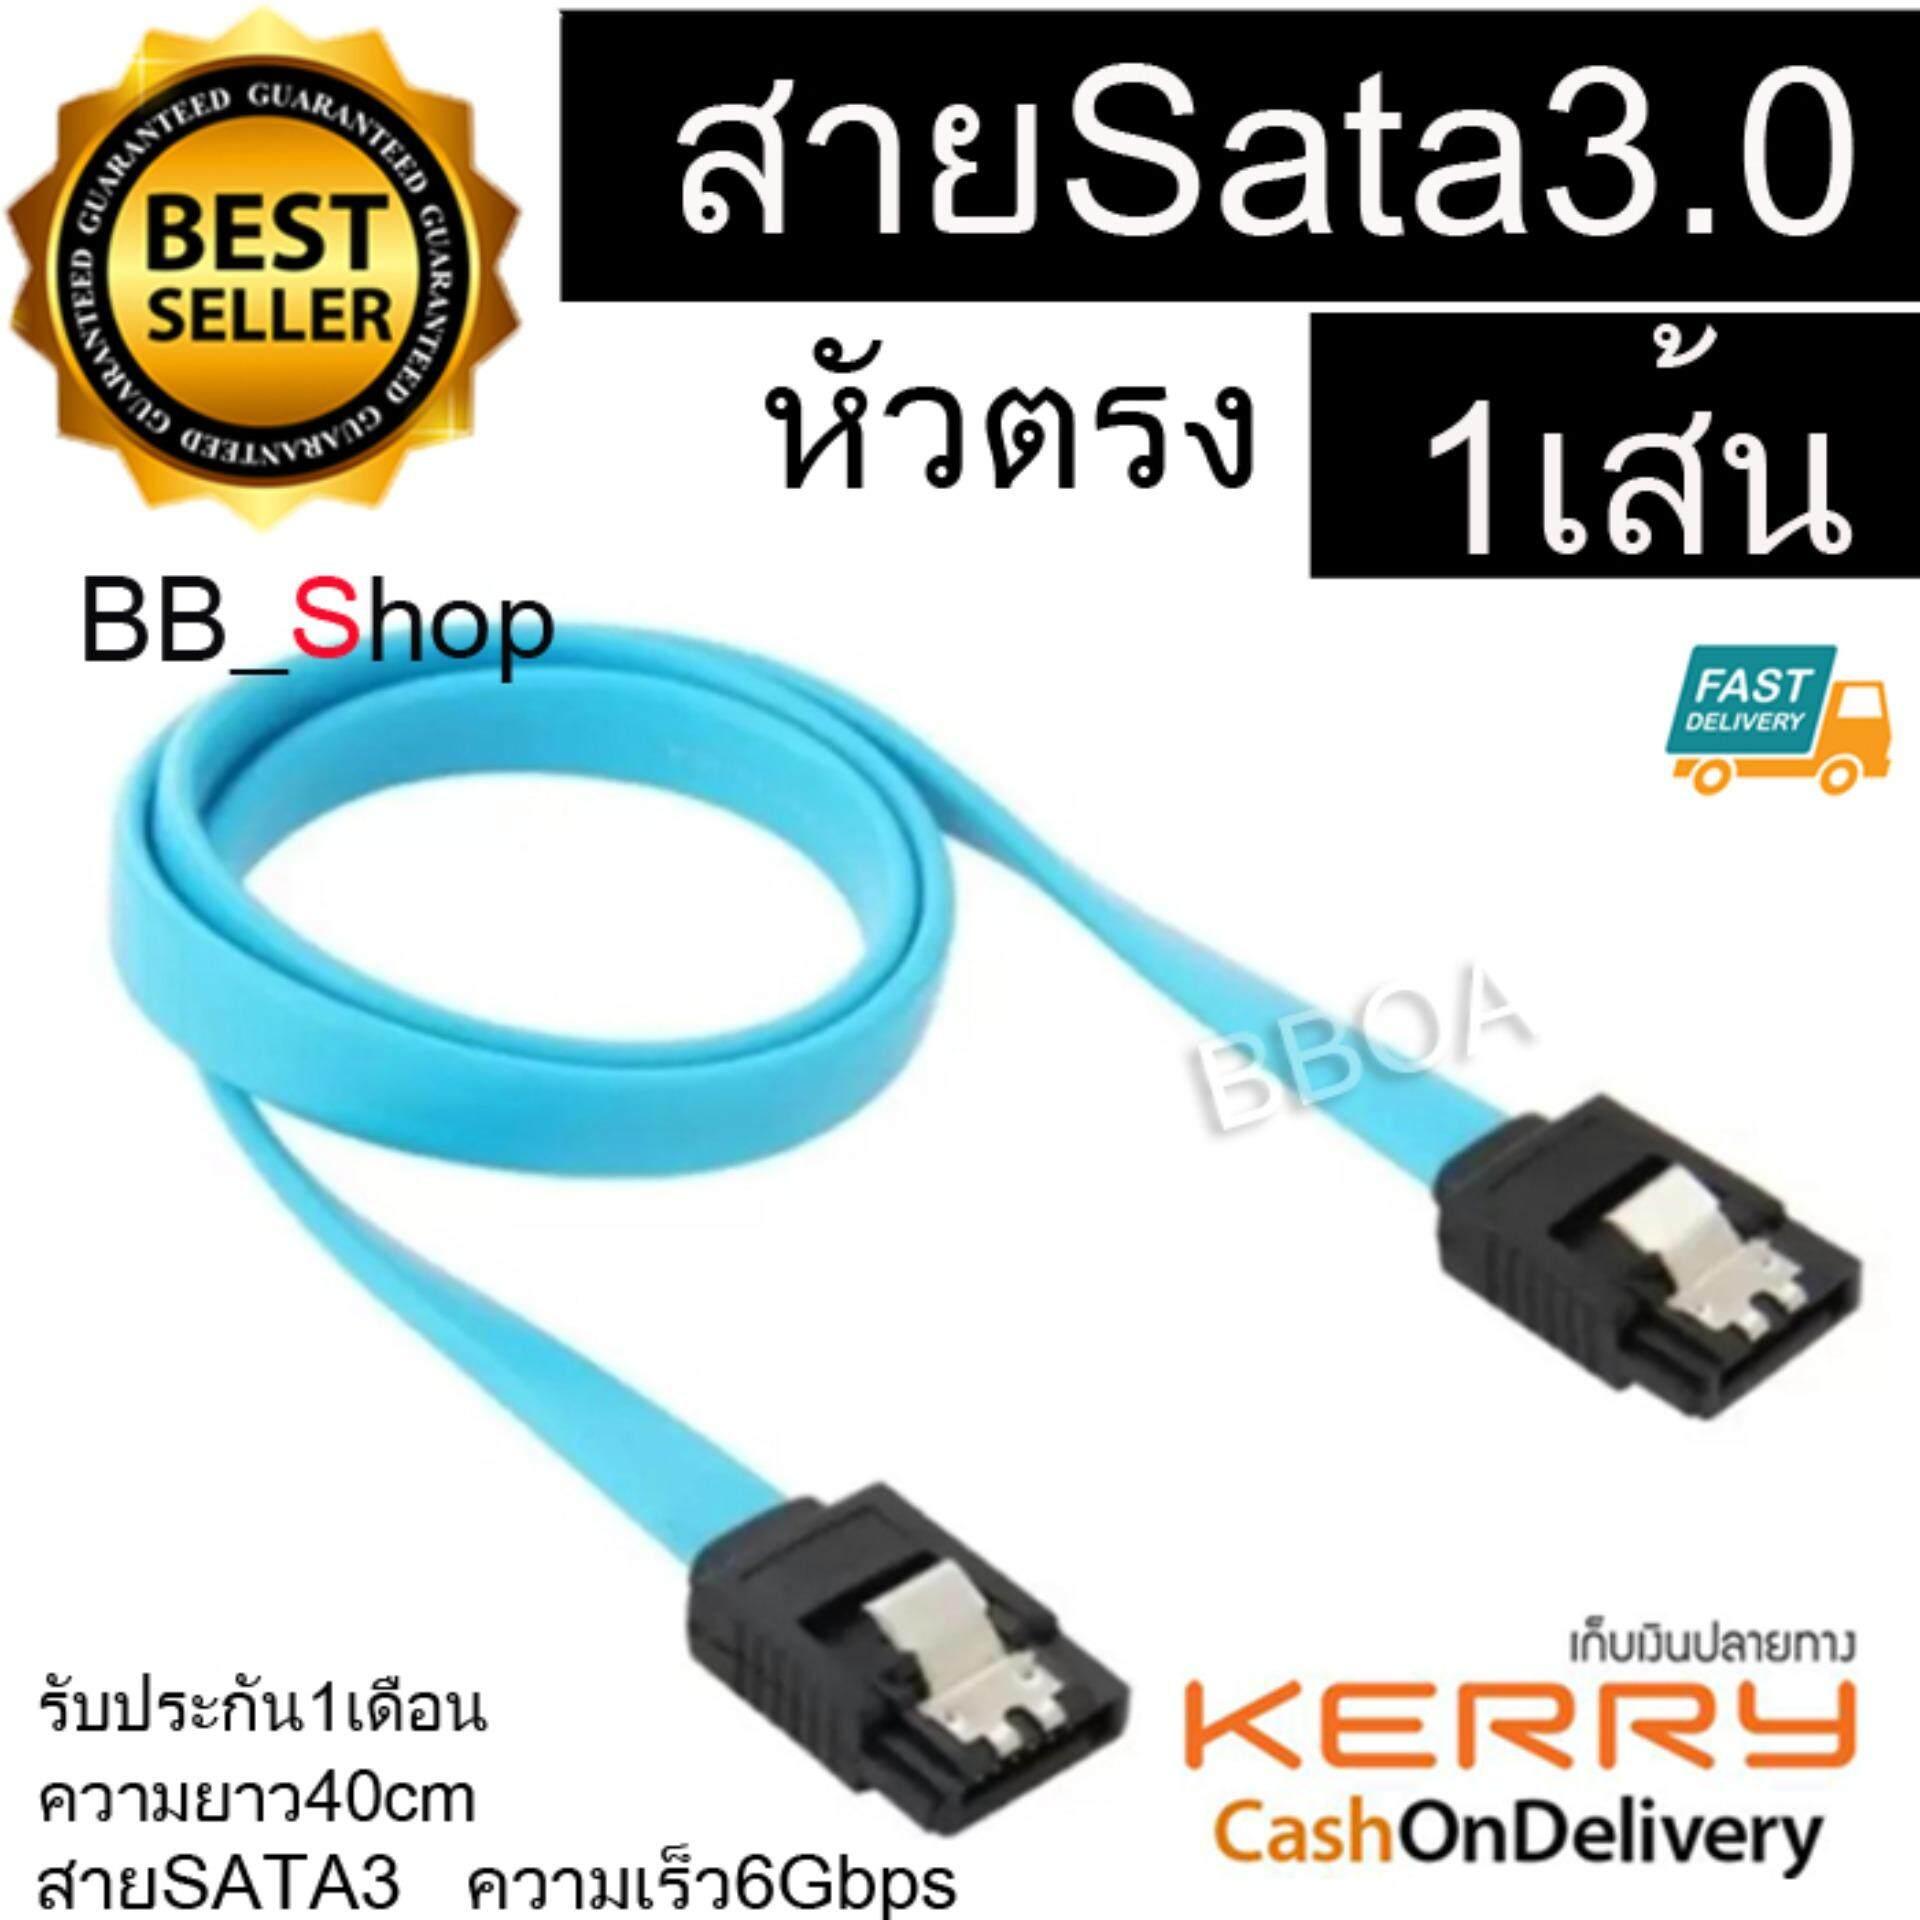 สาย Sata 3 6gbps Sata 3.0 Cable 26awg ความยาว 40ซม. Sata Iii Sata 3 Cable Flat Data Cord For Hdd Ssd (สีฟ้า) สายแปลง Power หัวตรง By Bboa.